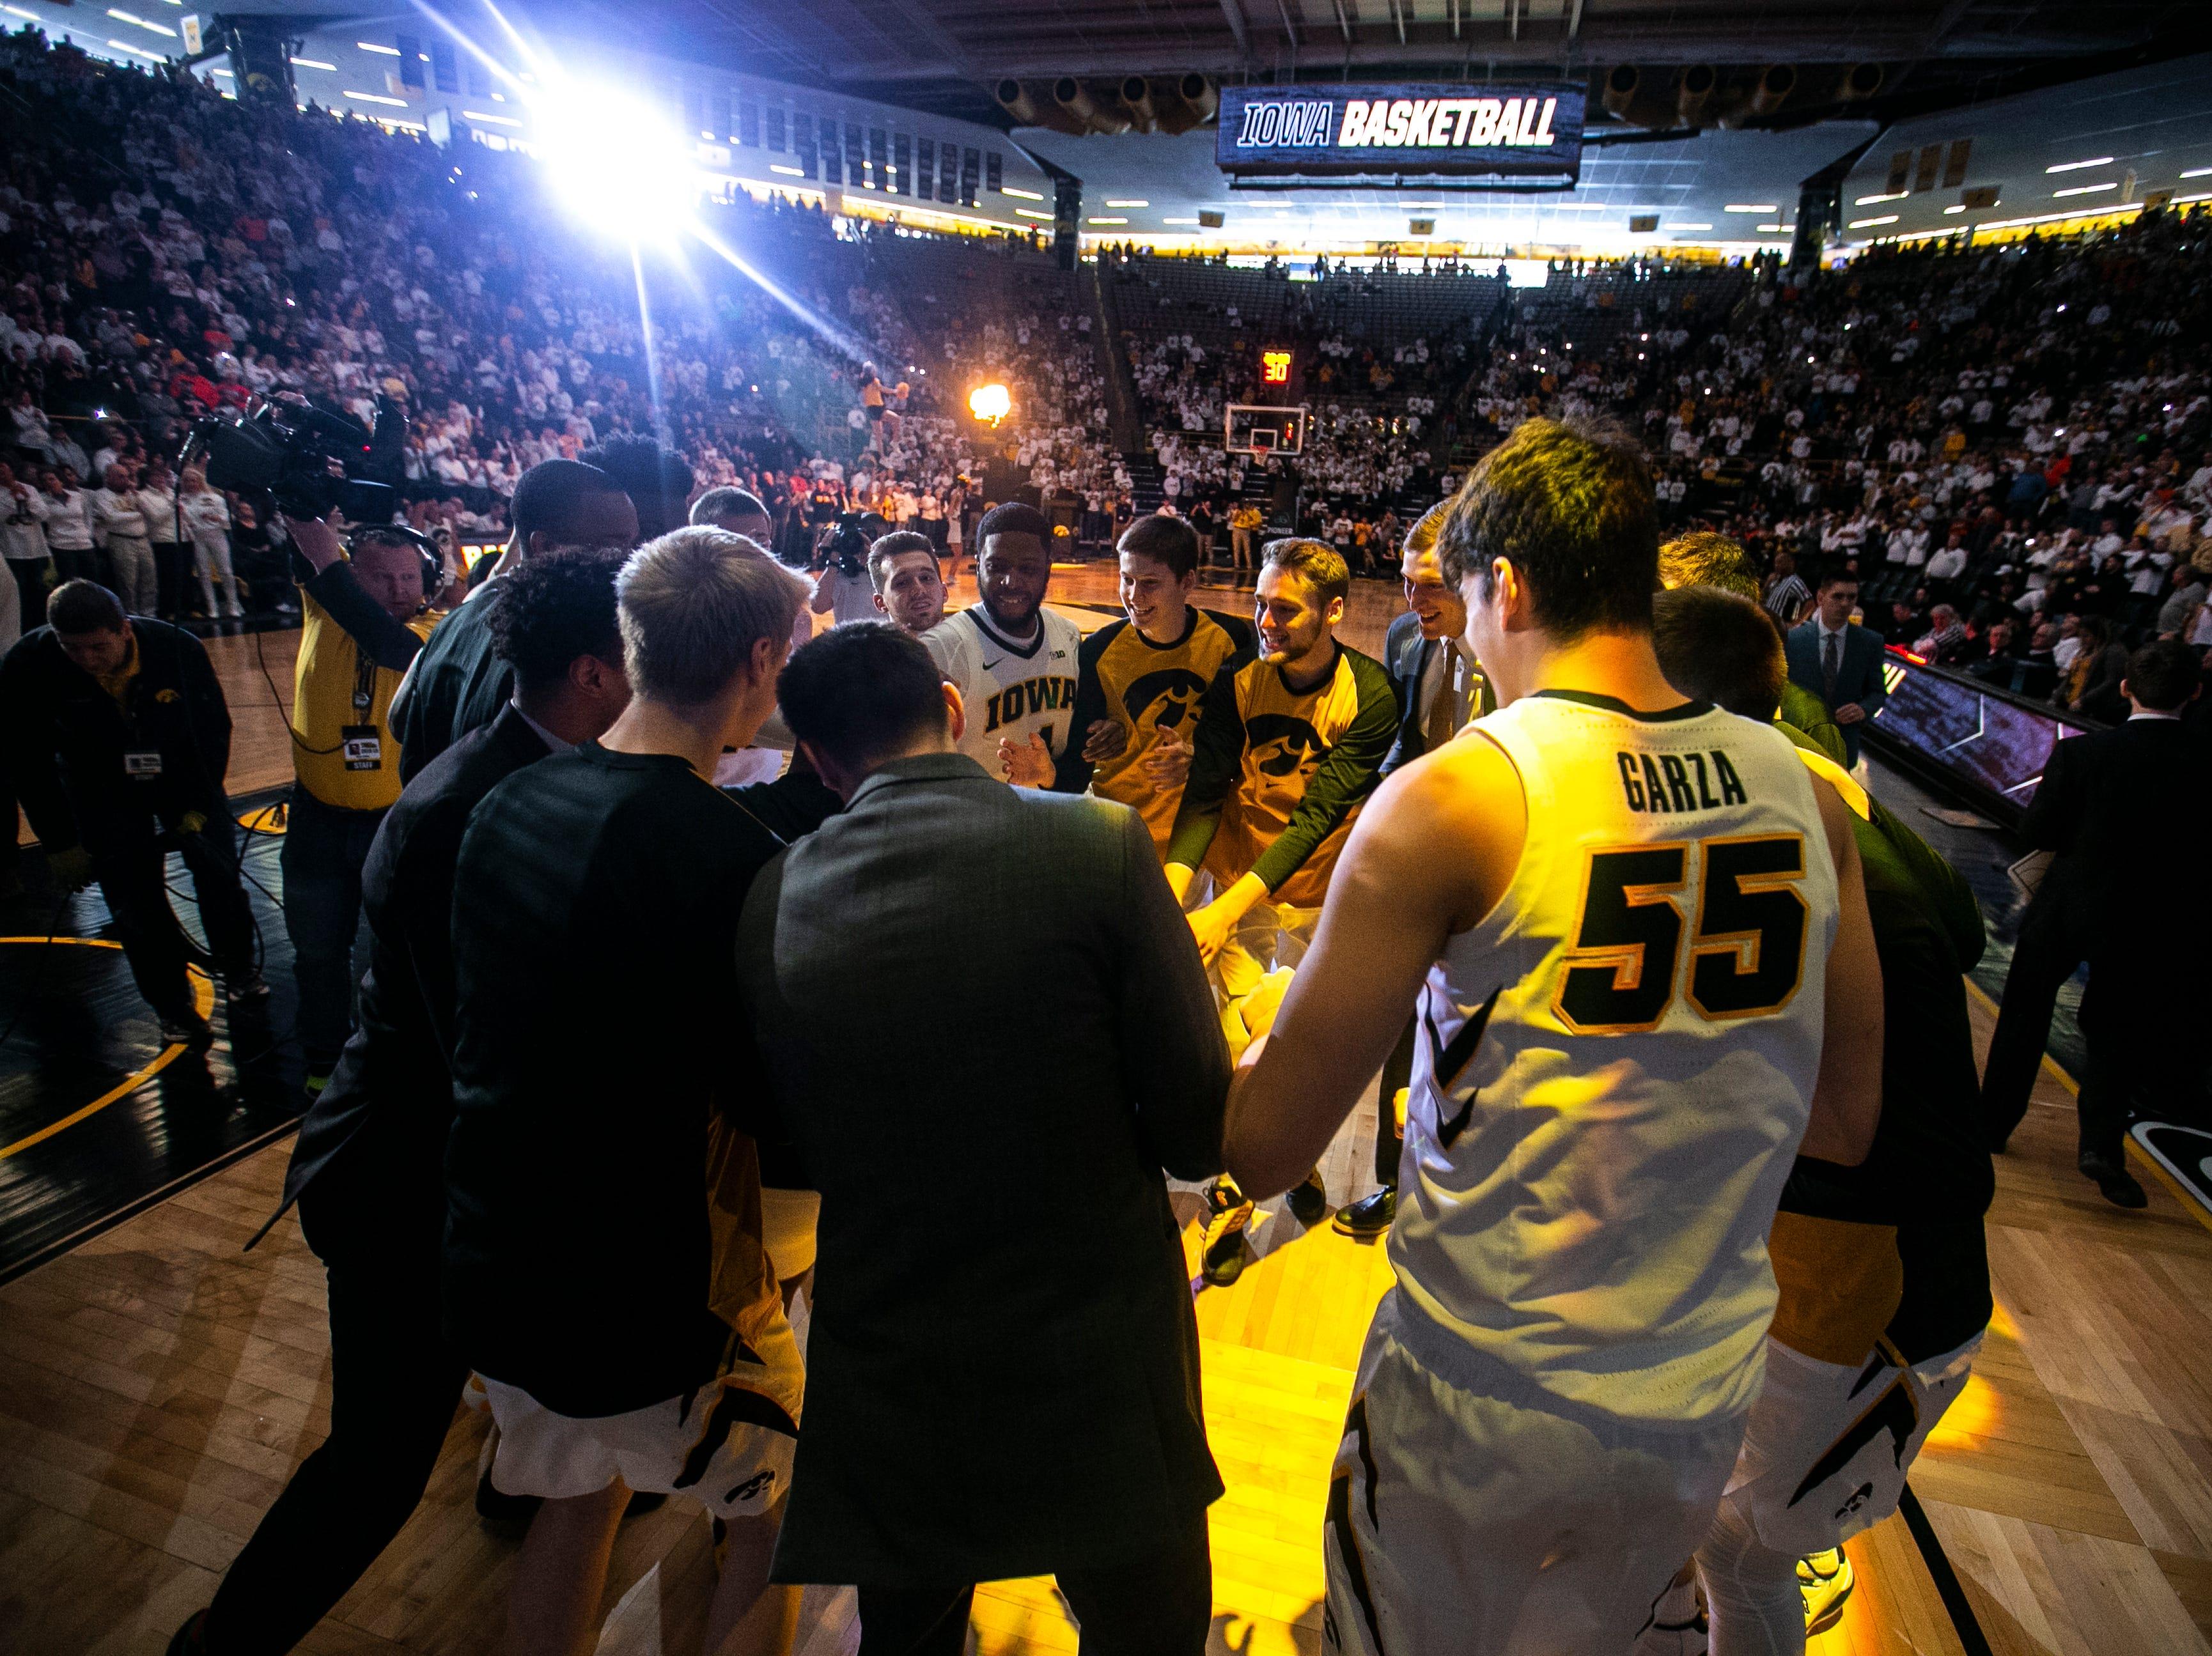 Photos: Iowa Hawkeyes men's basketball vs. Illinois Fighting Illini